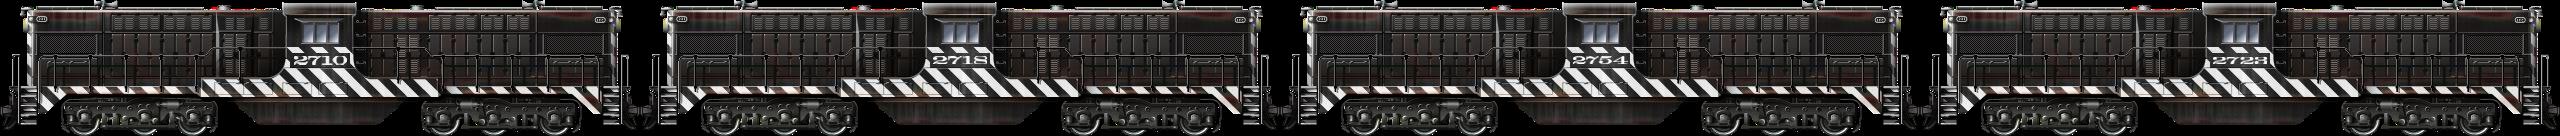 DT-6-6-2000 Quad